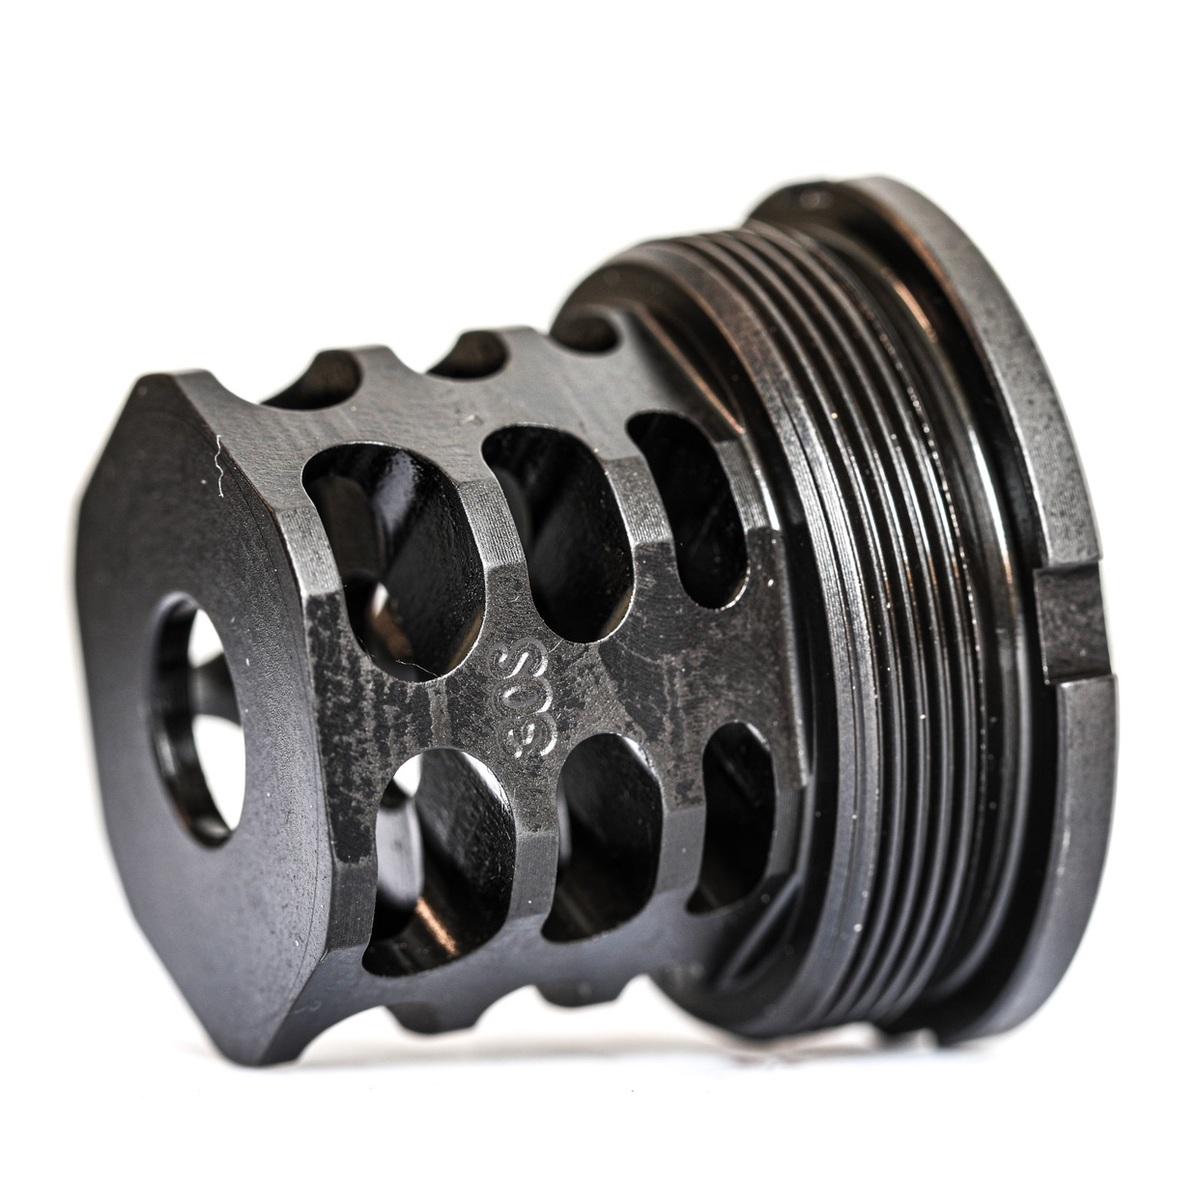 jmac customs x series muzzle brake suppressor mount 1.375x24